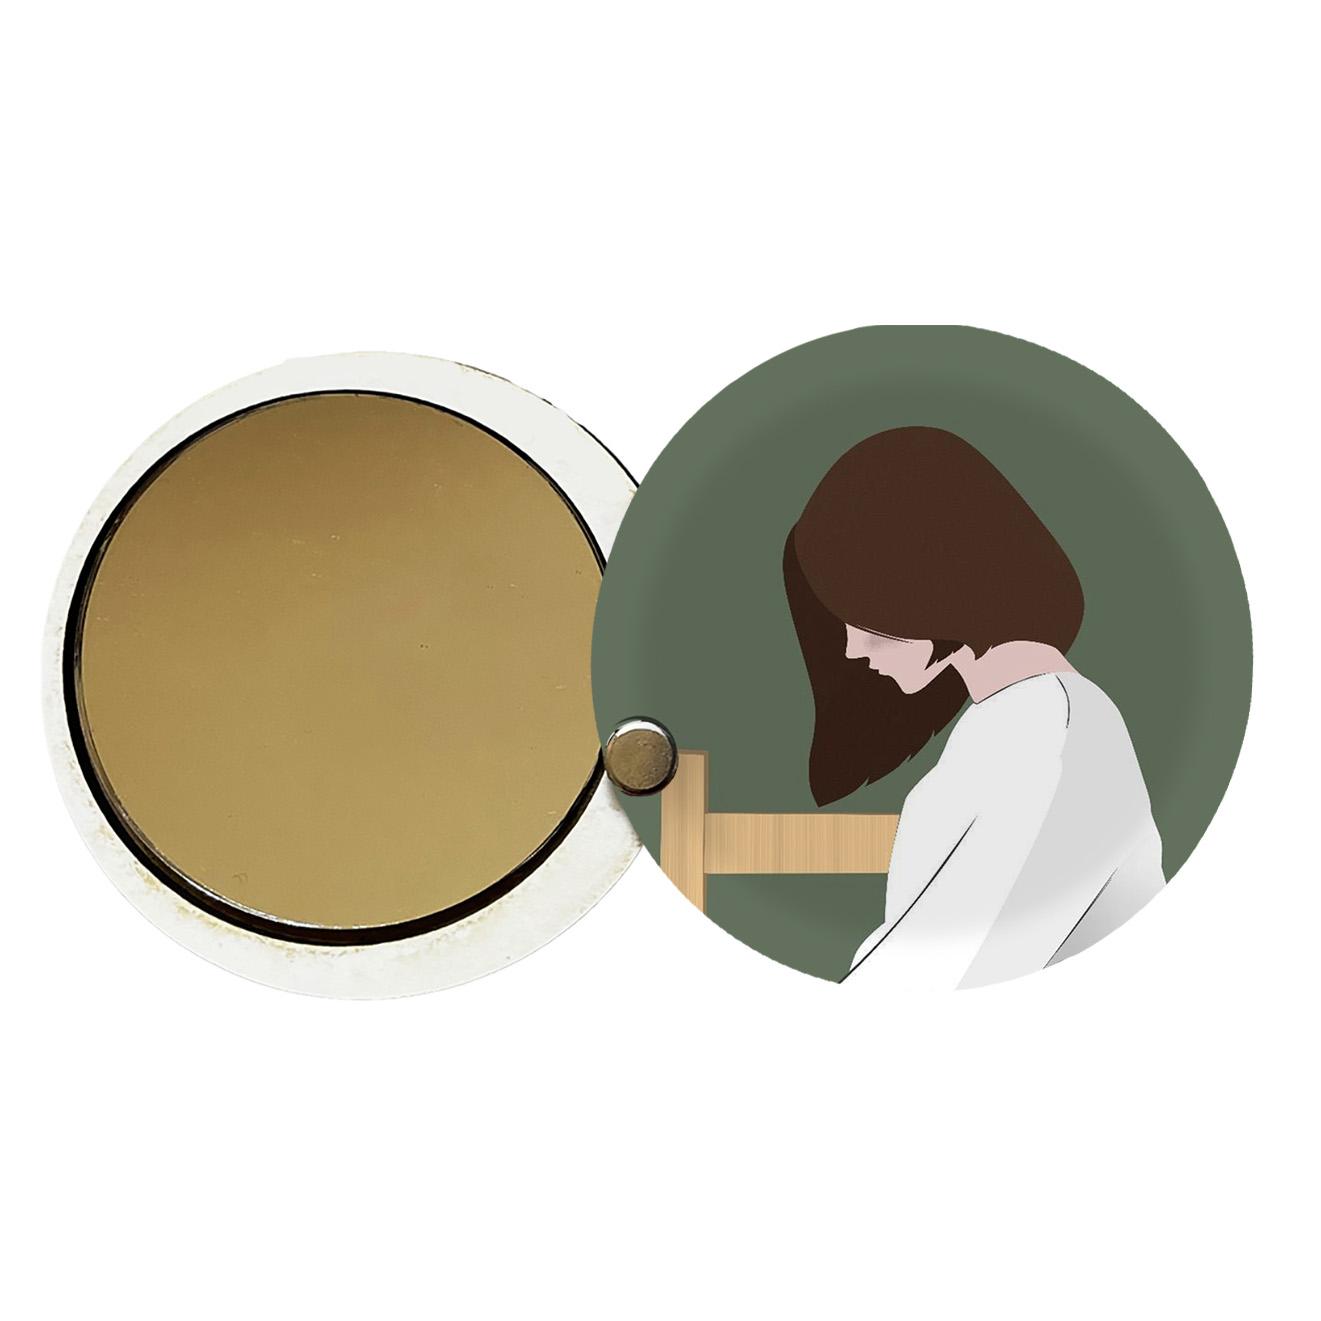 آینه جیبی طرح دخترانه کد ay53